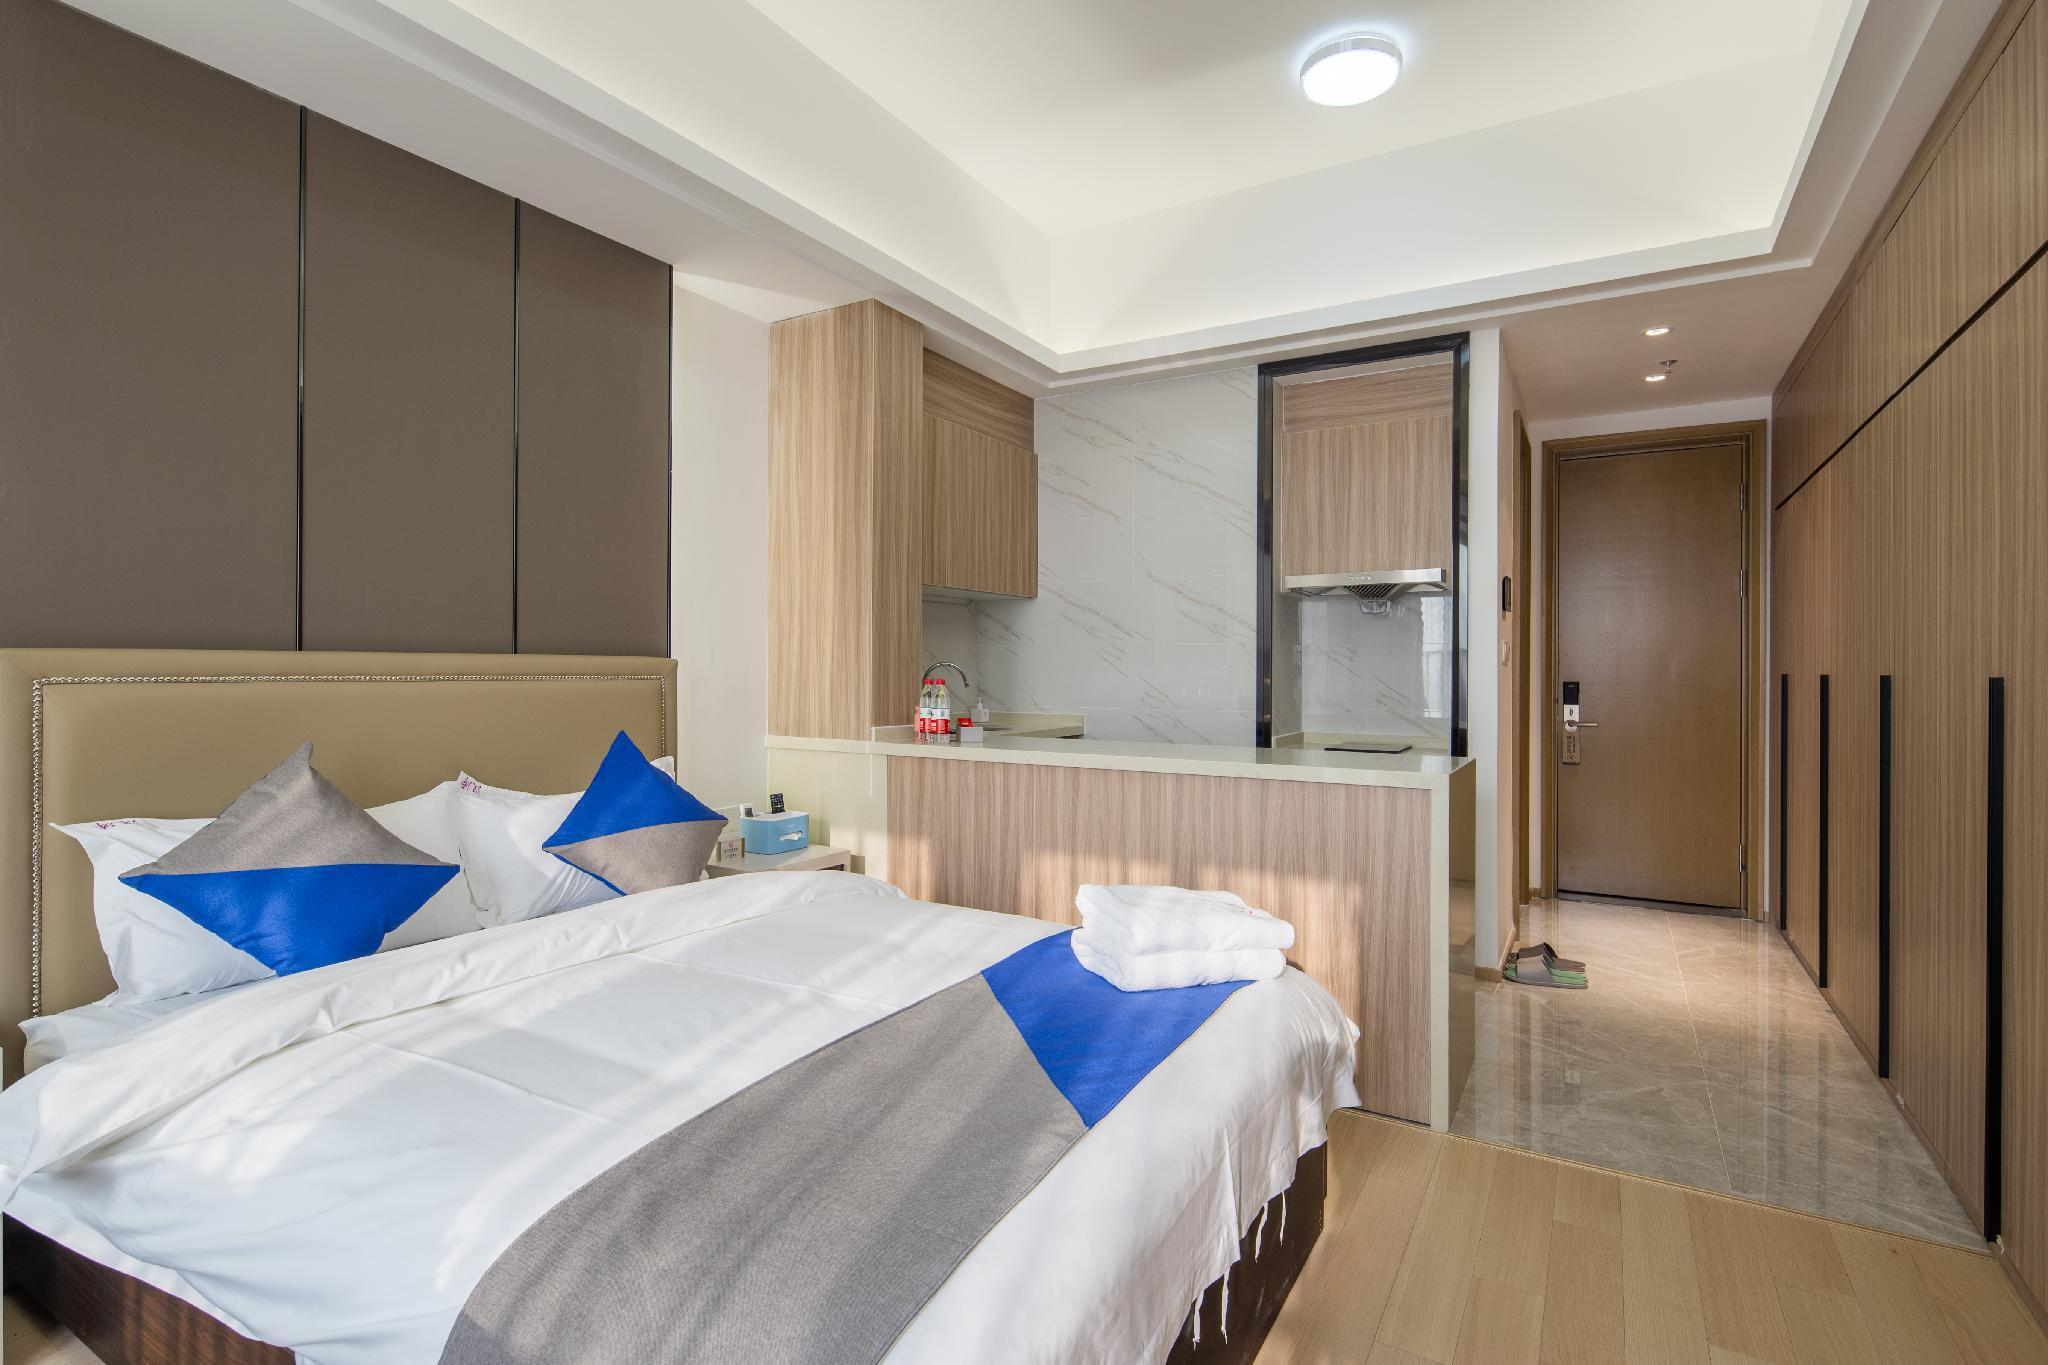 Deluxe Big Bed Room